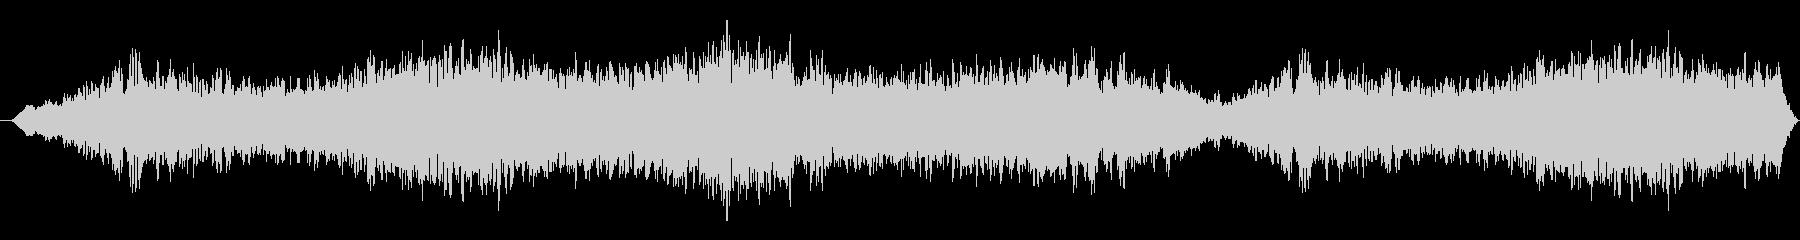 重さのある不穏なBGSの未再生の波形